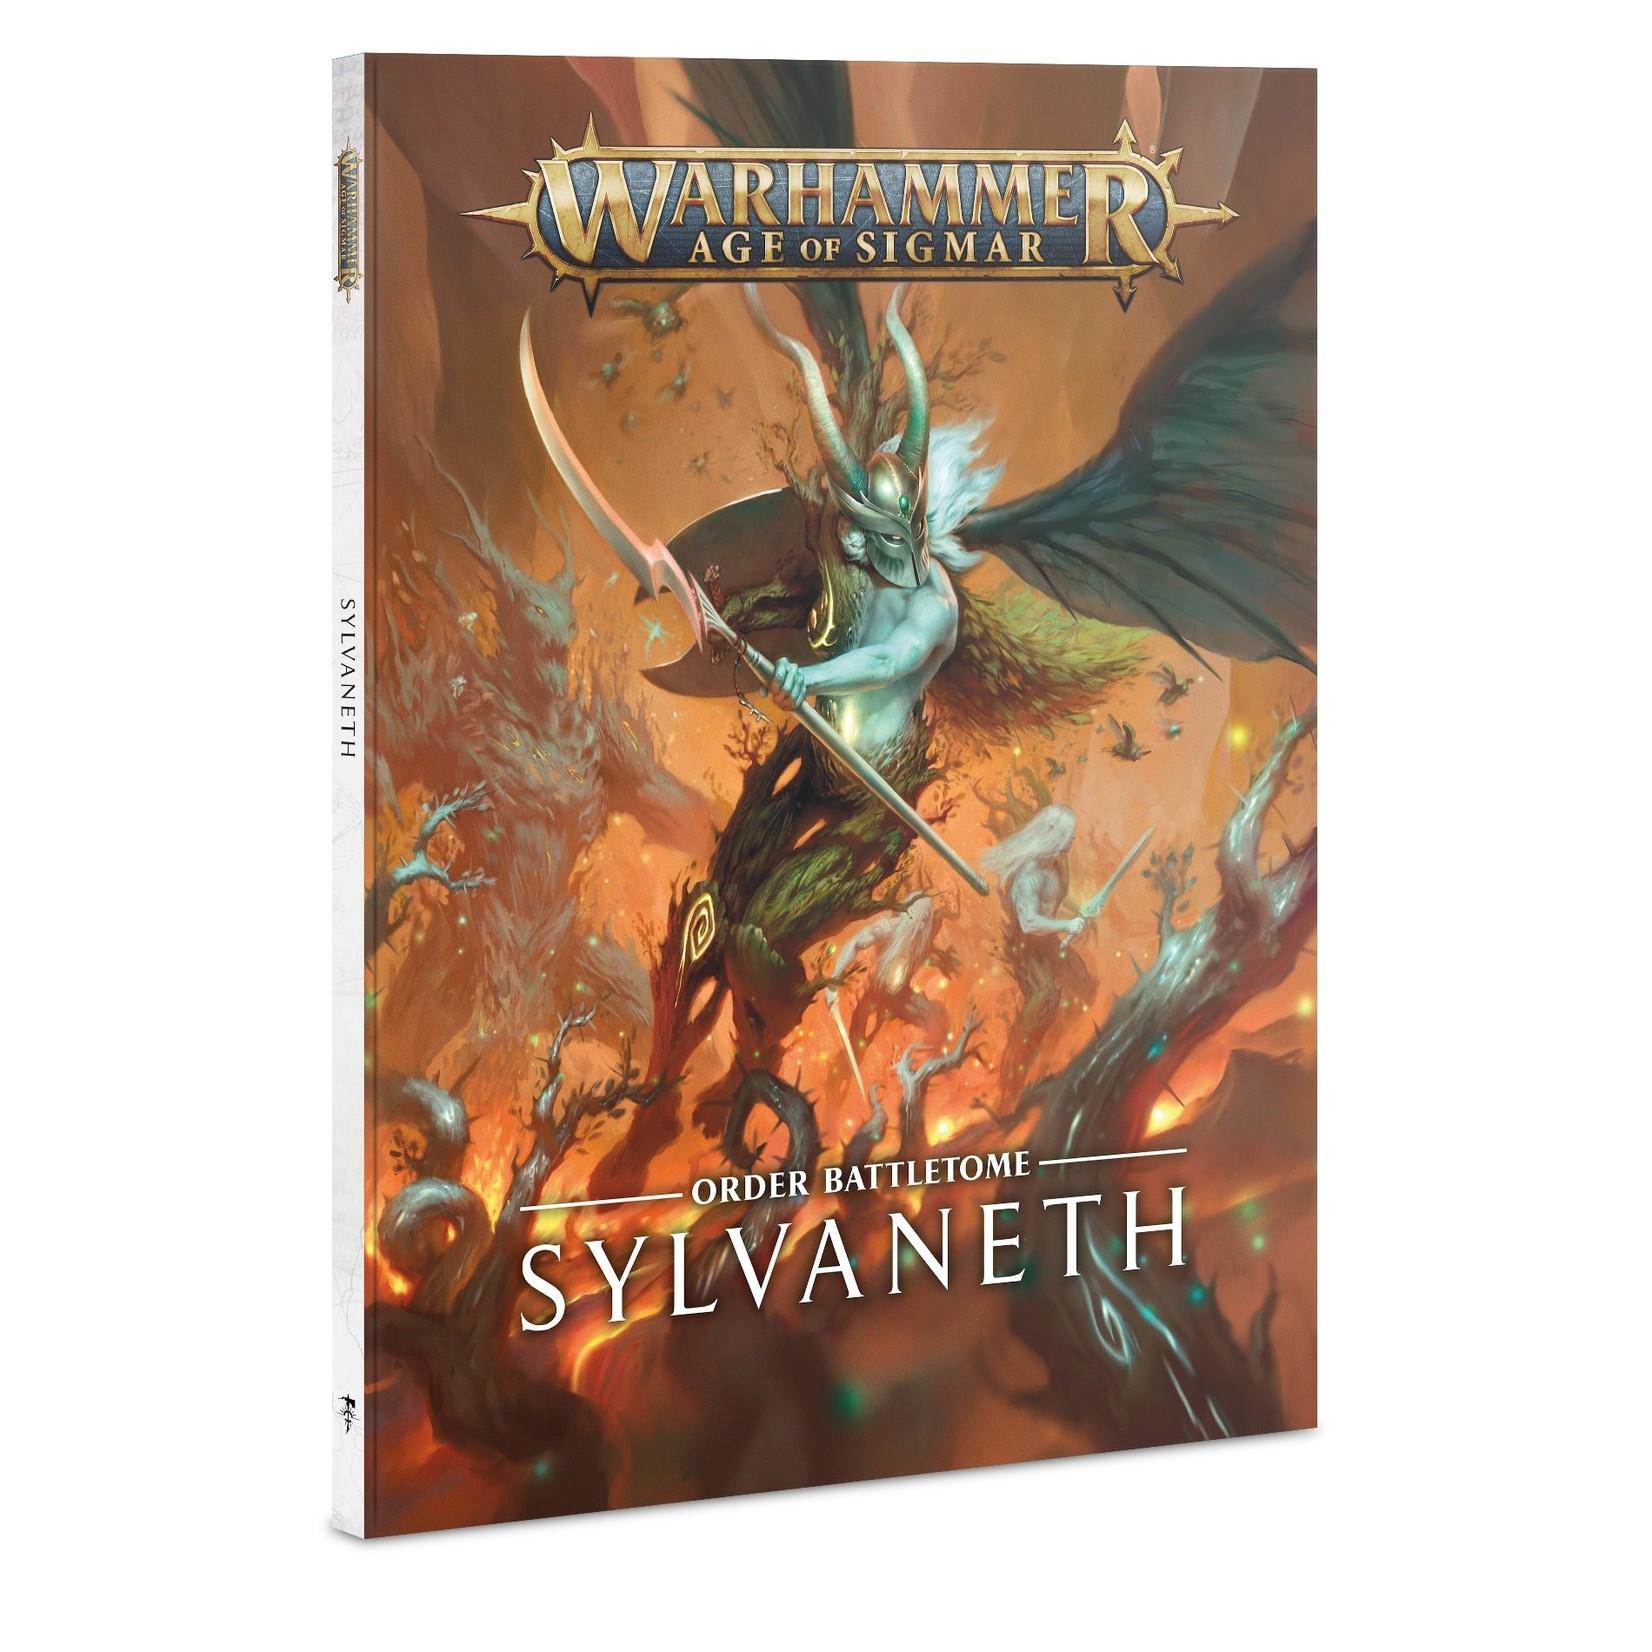 Games Workshop Warhammer Age of Sigmar: Battletome - Sylvaneth